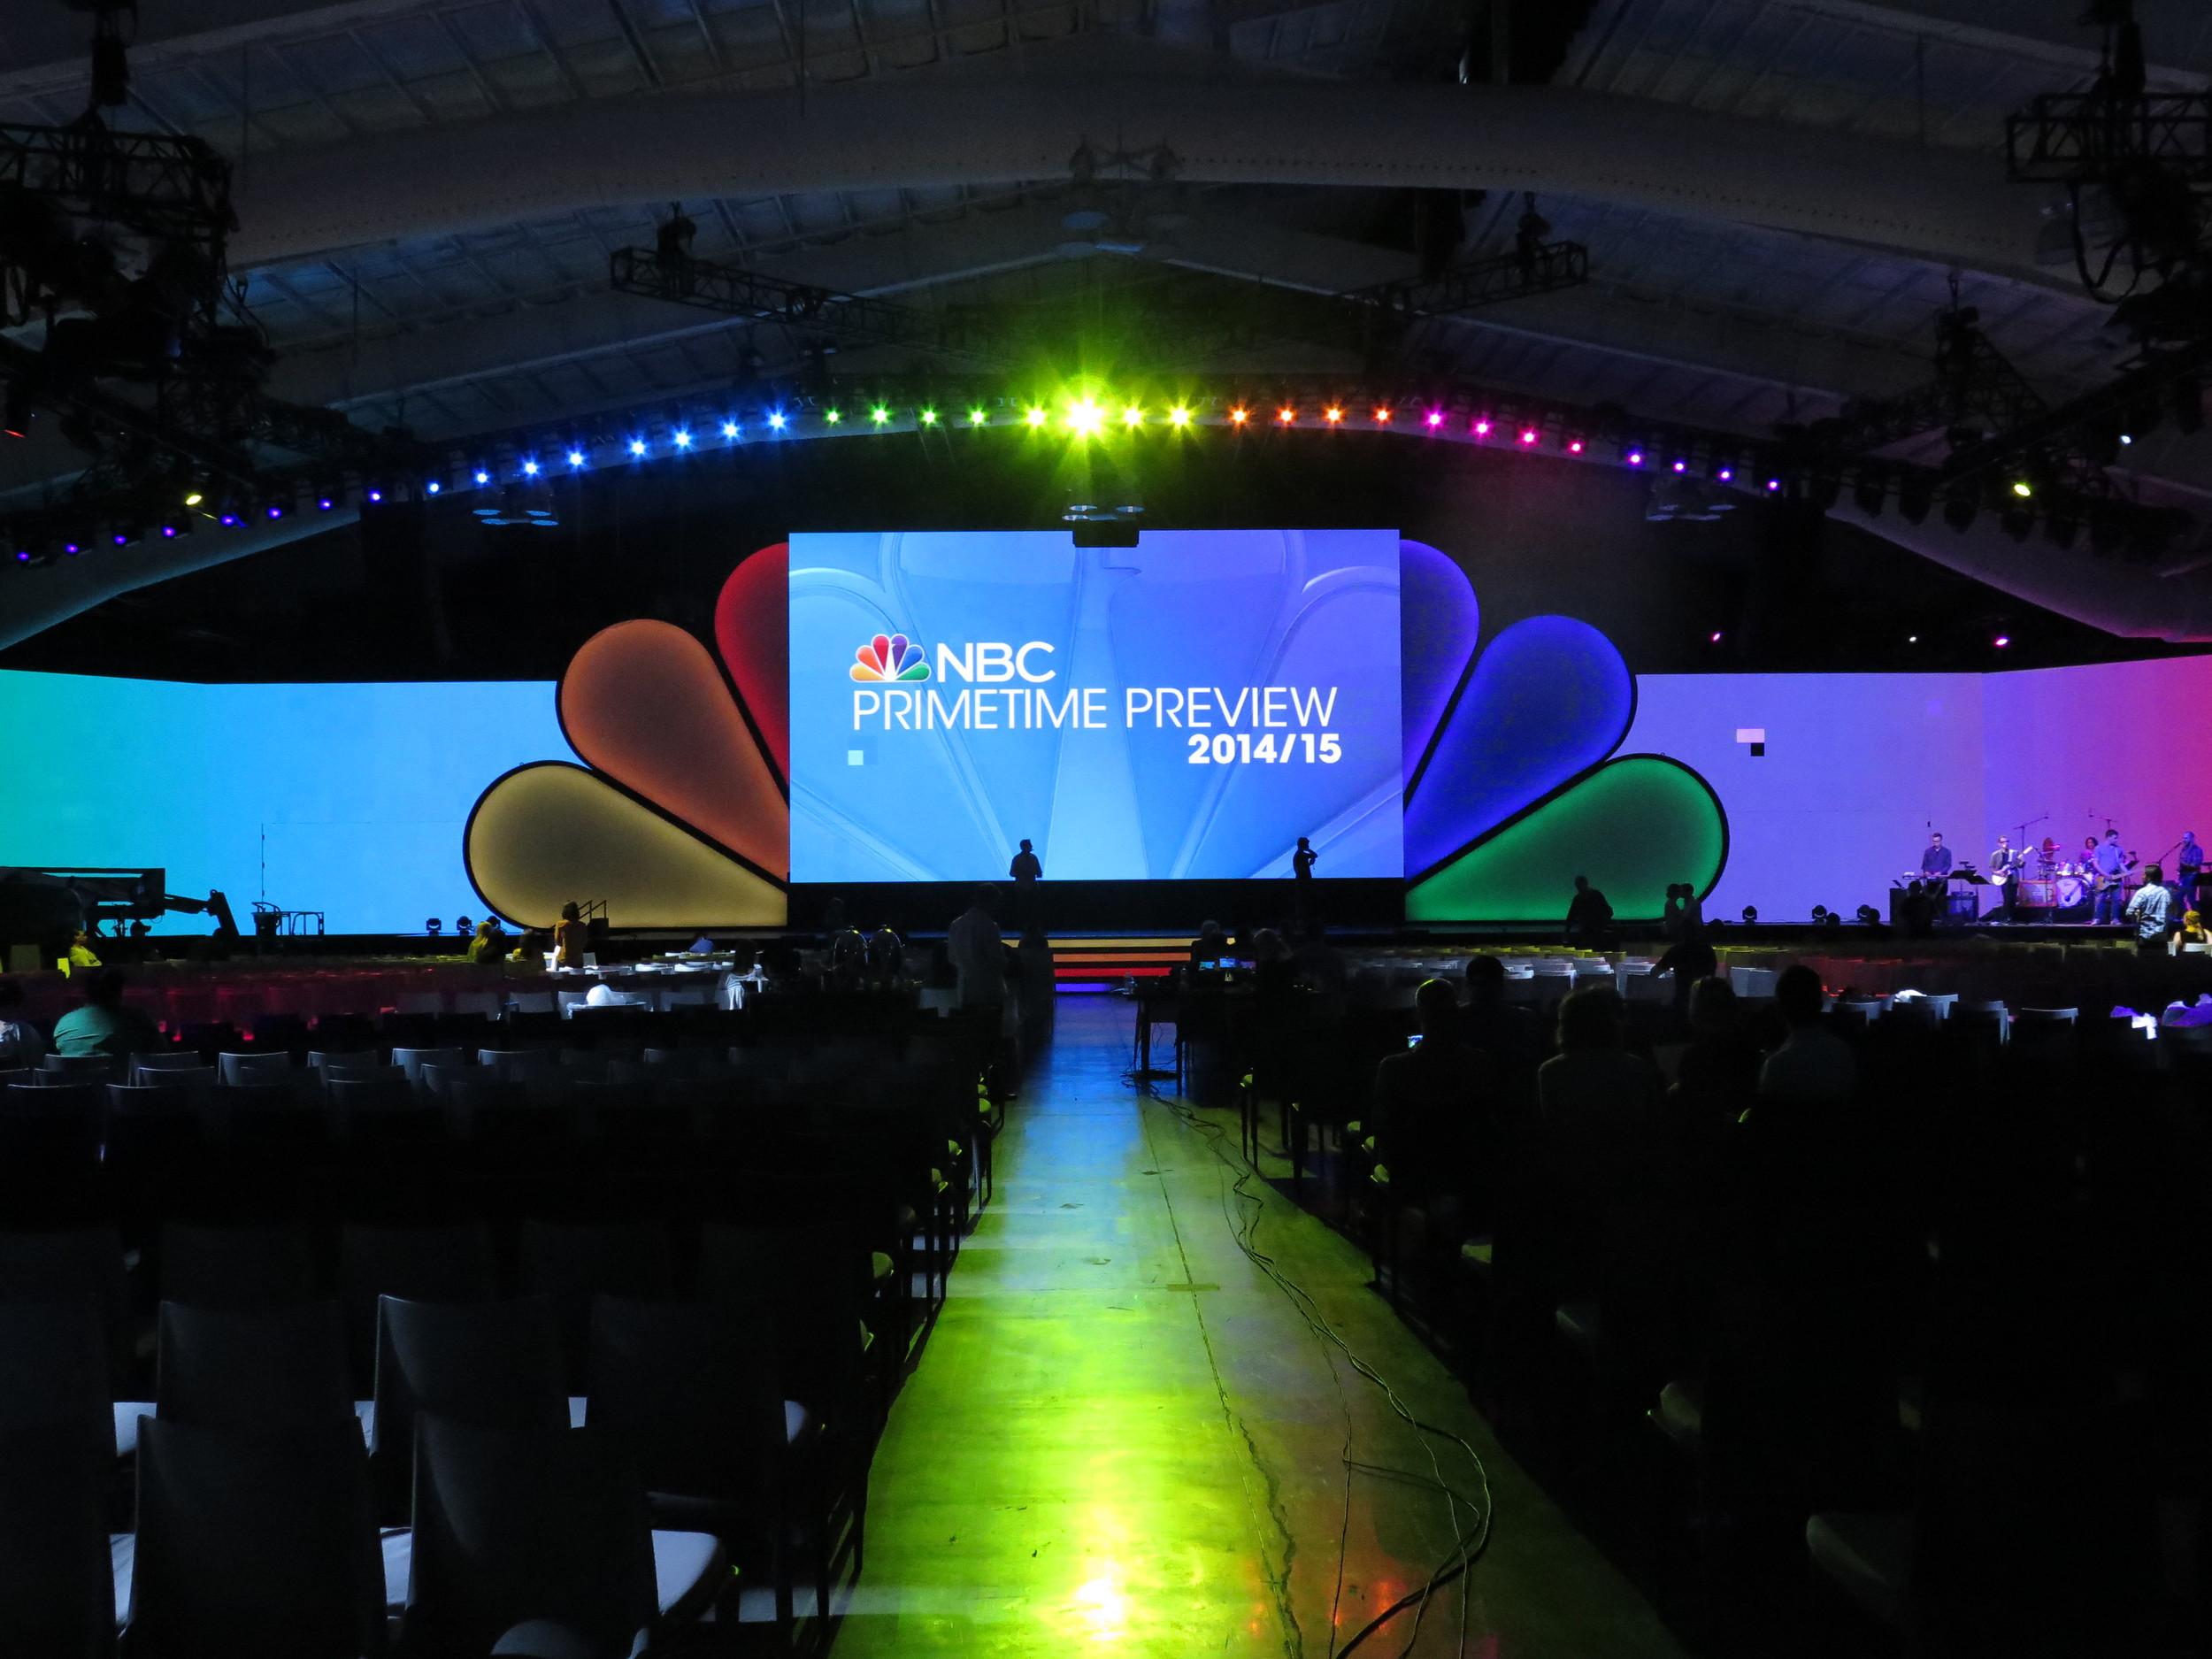 NBC Primetime Preview 2014/2015